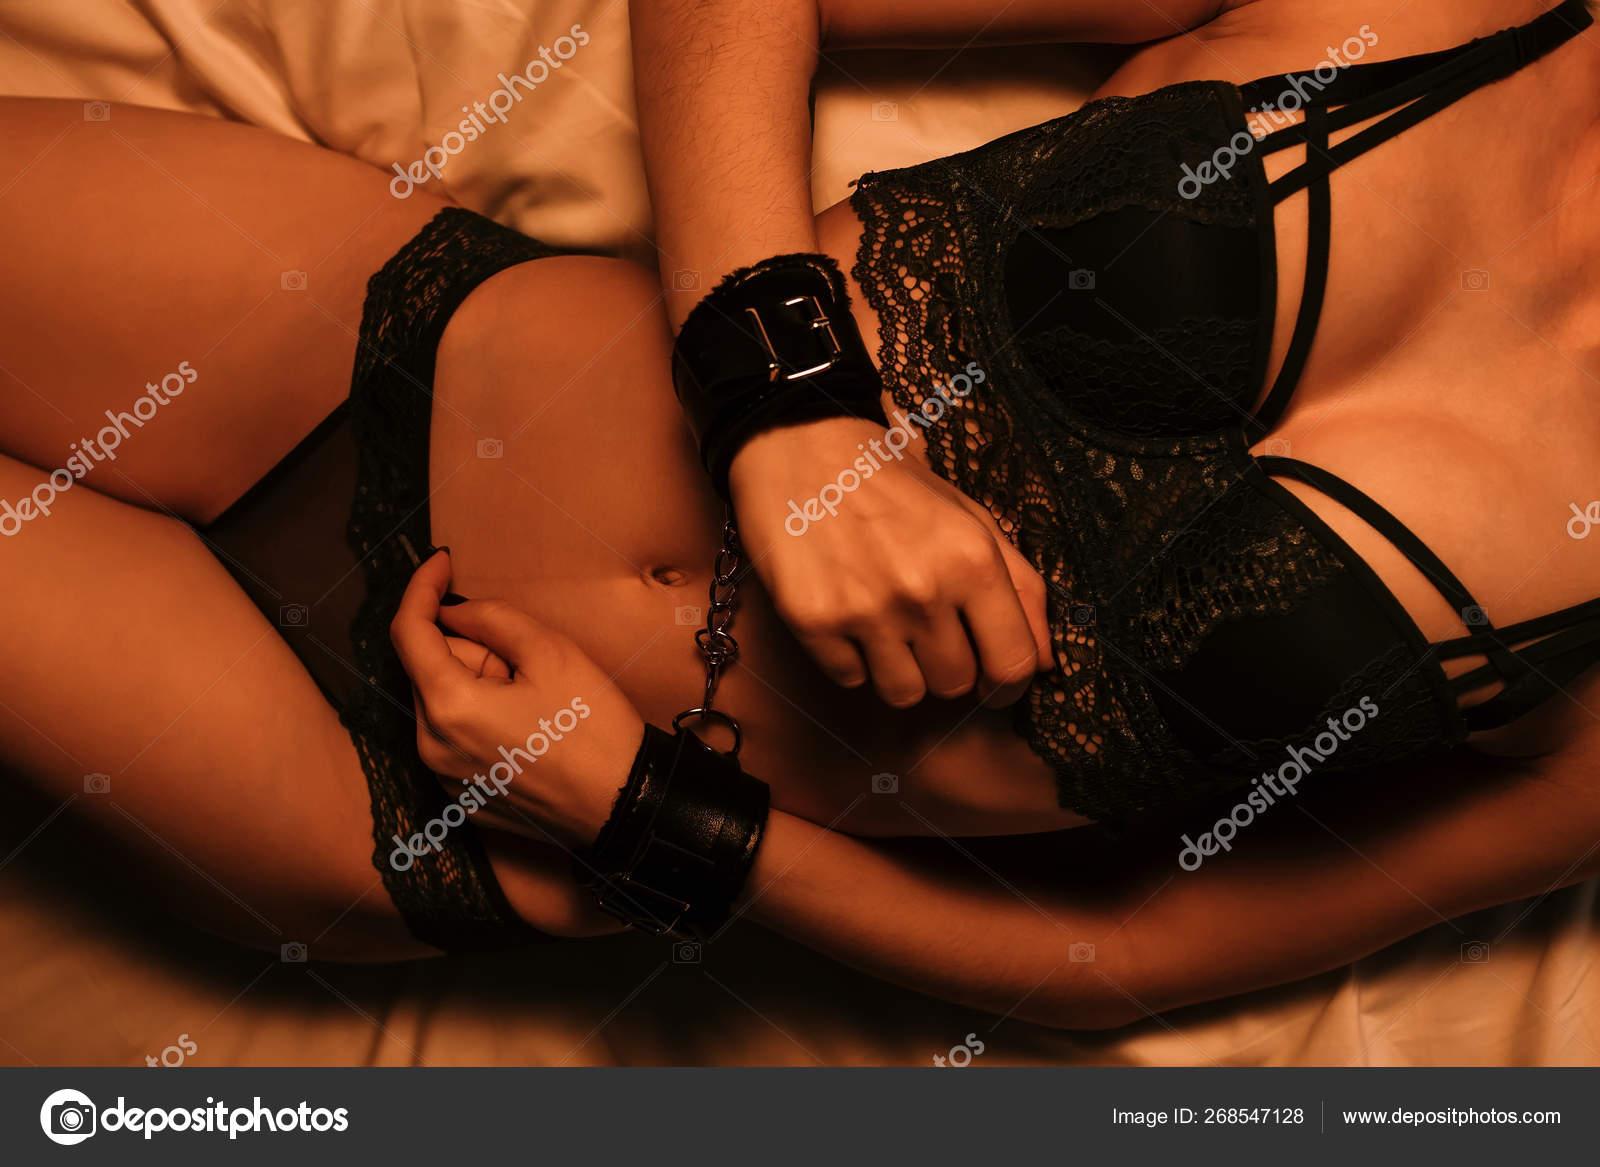 Mit handschellen sex beim sex